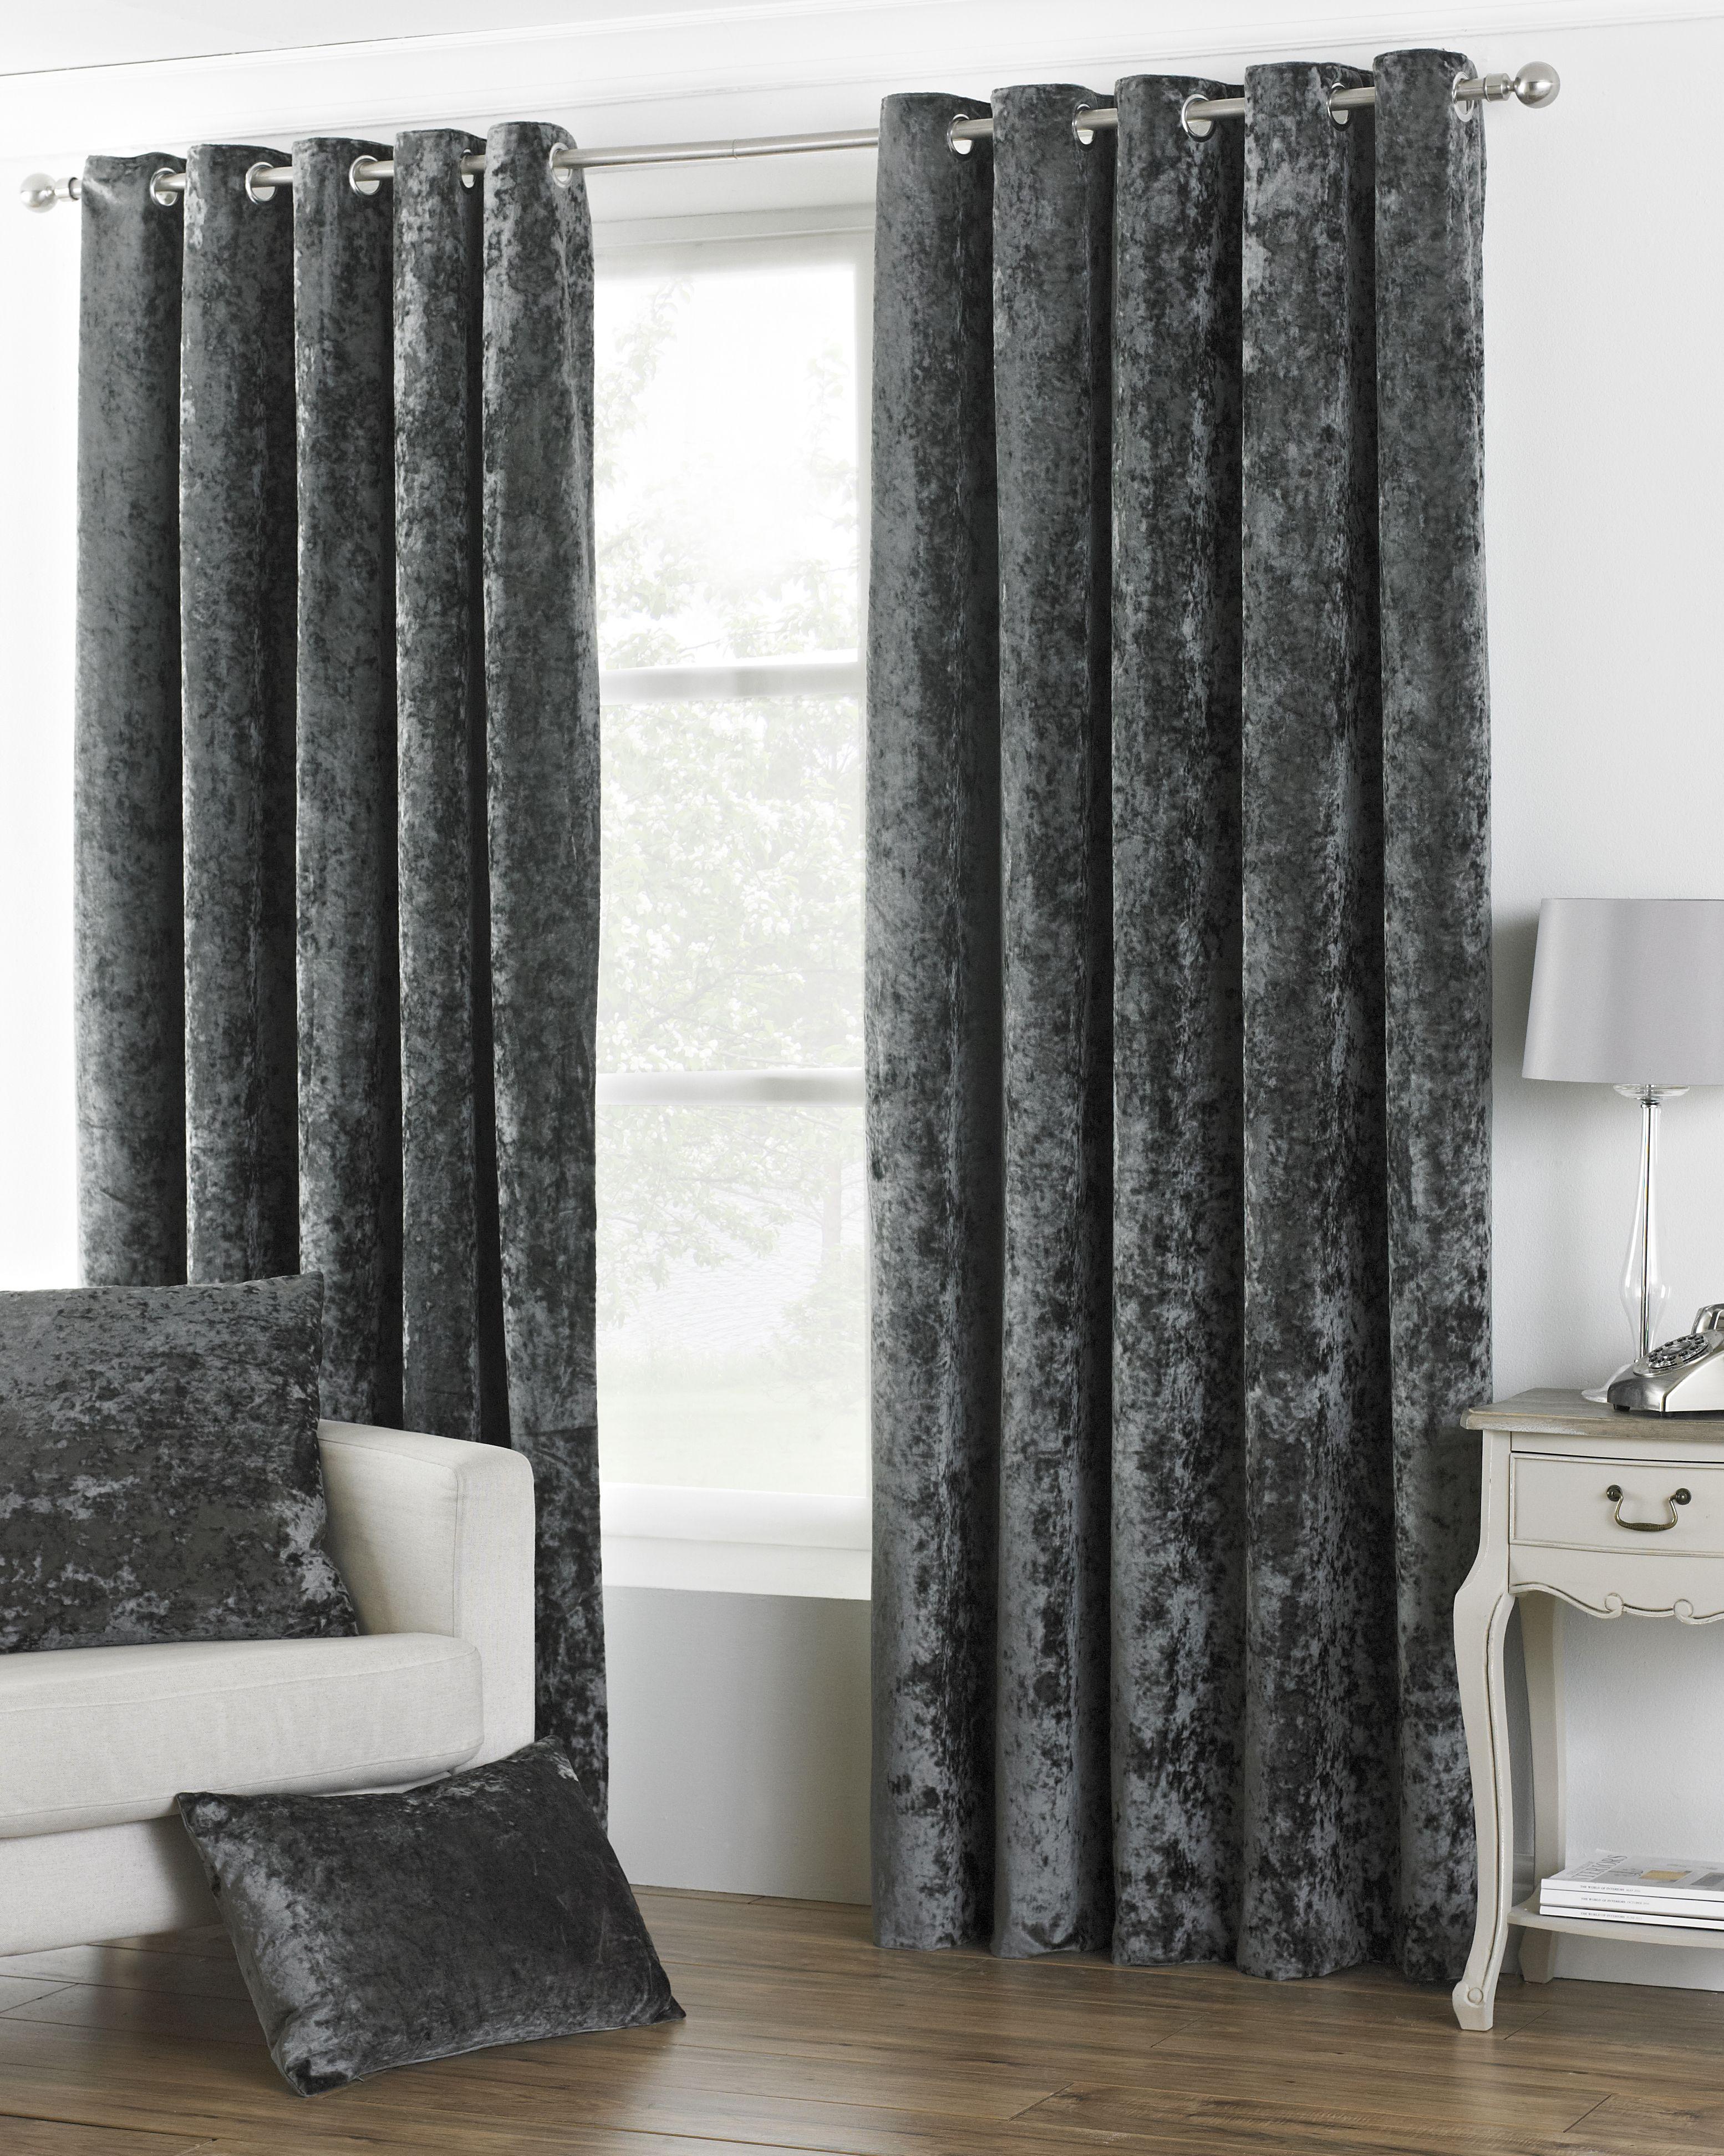 Verona Crushed Velvet Look Eyelet Curtains in Pewter